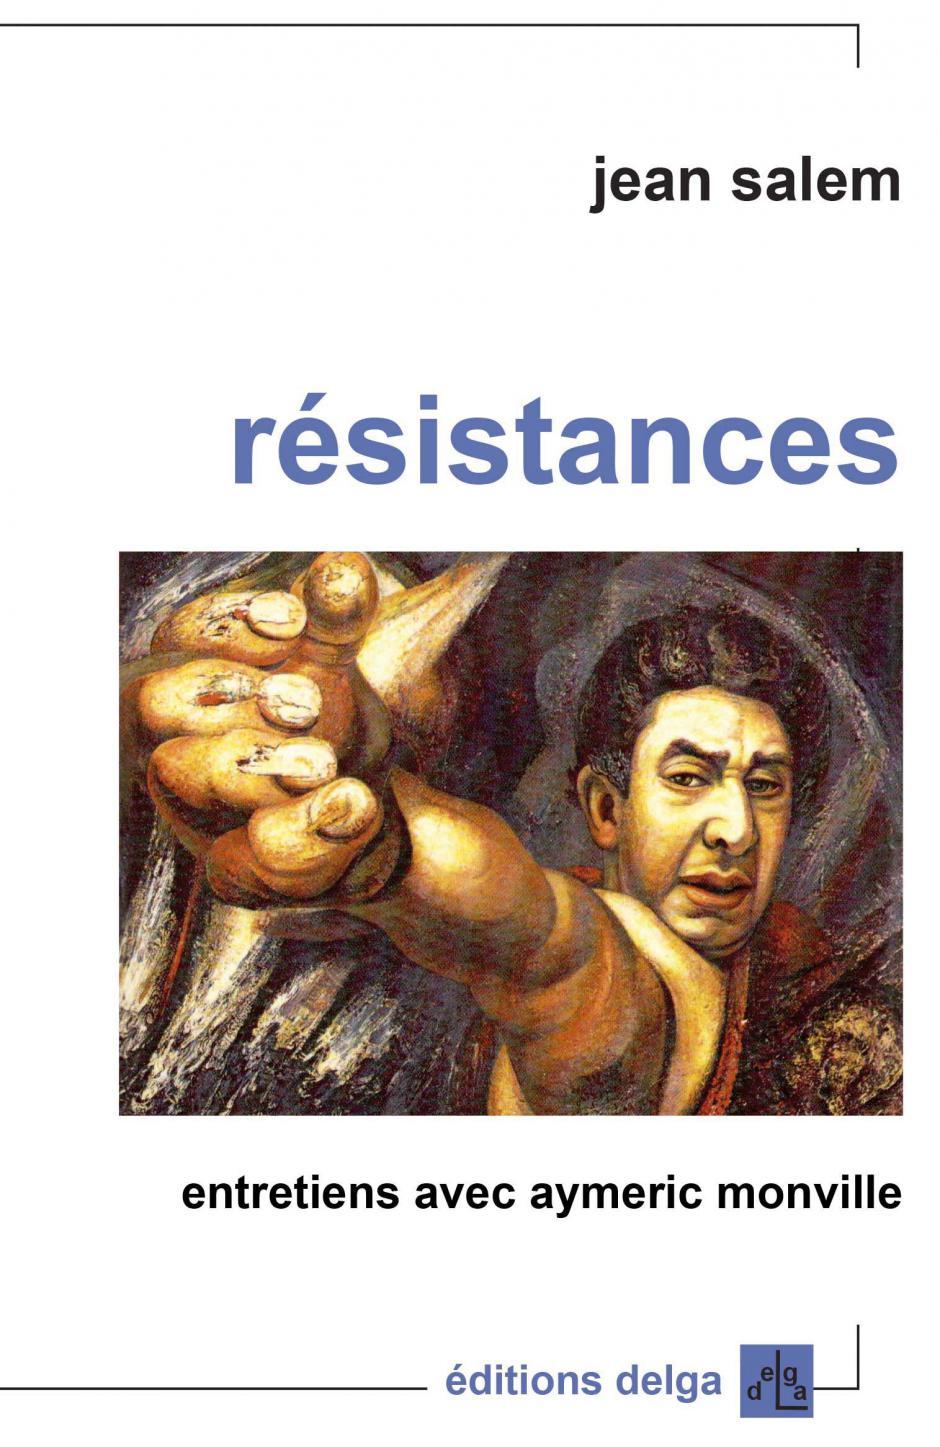 Résistances, Jean Salem